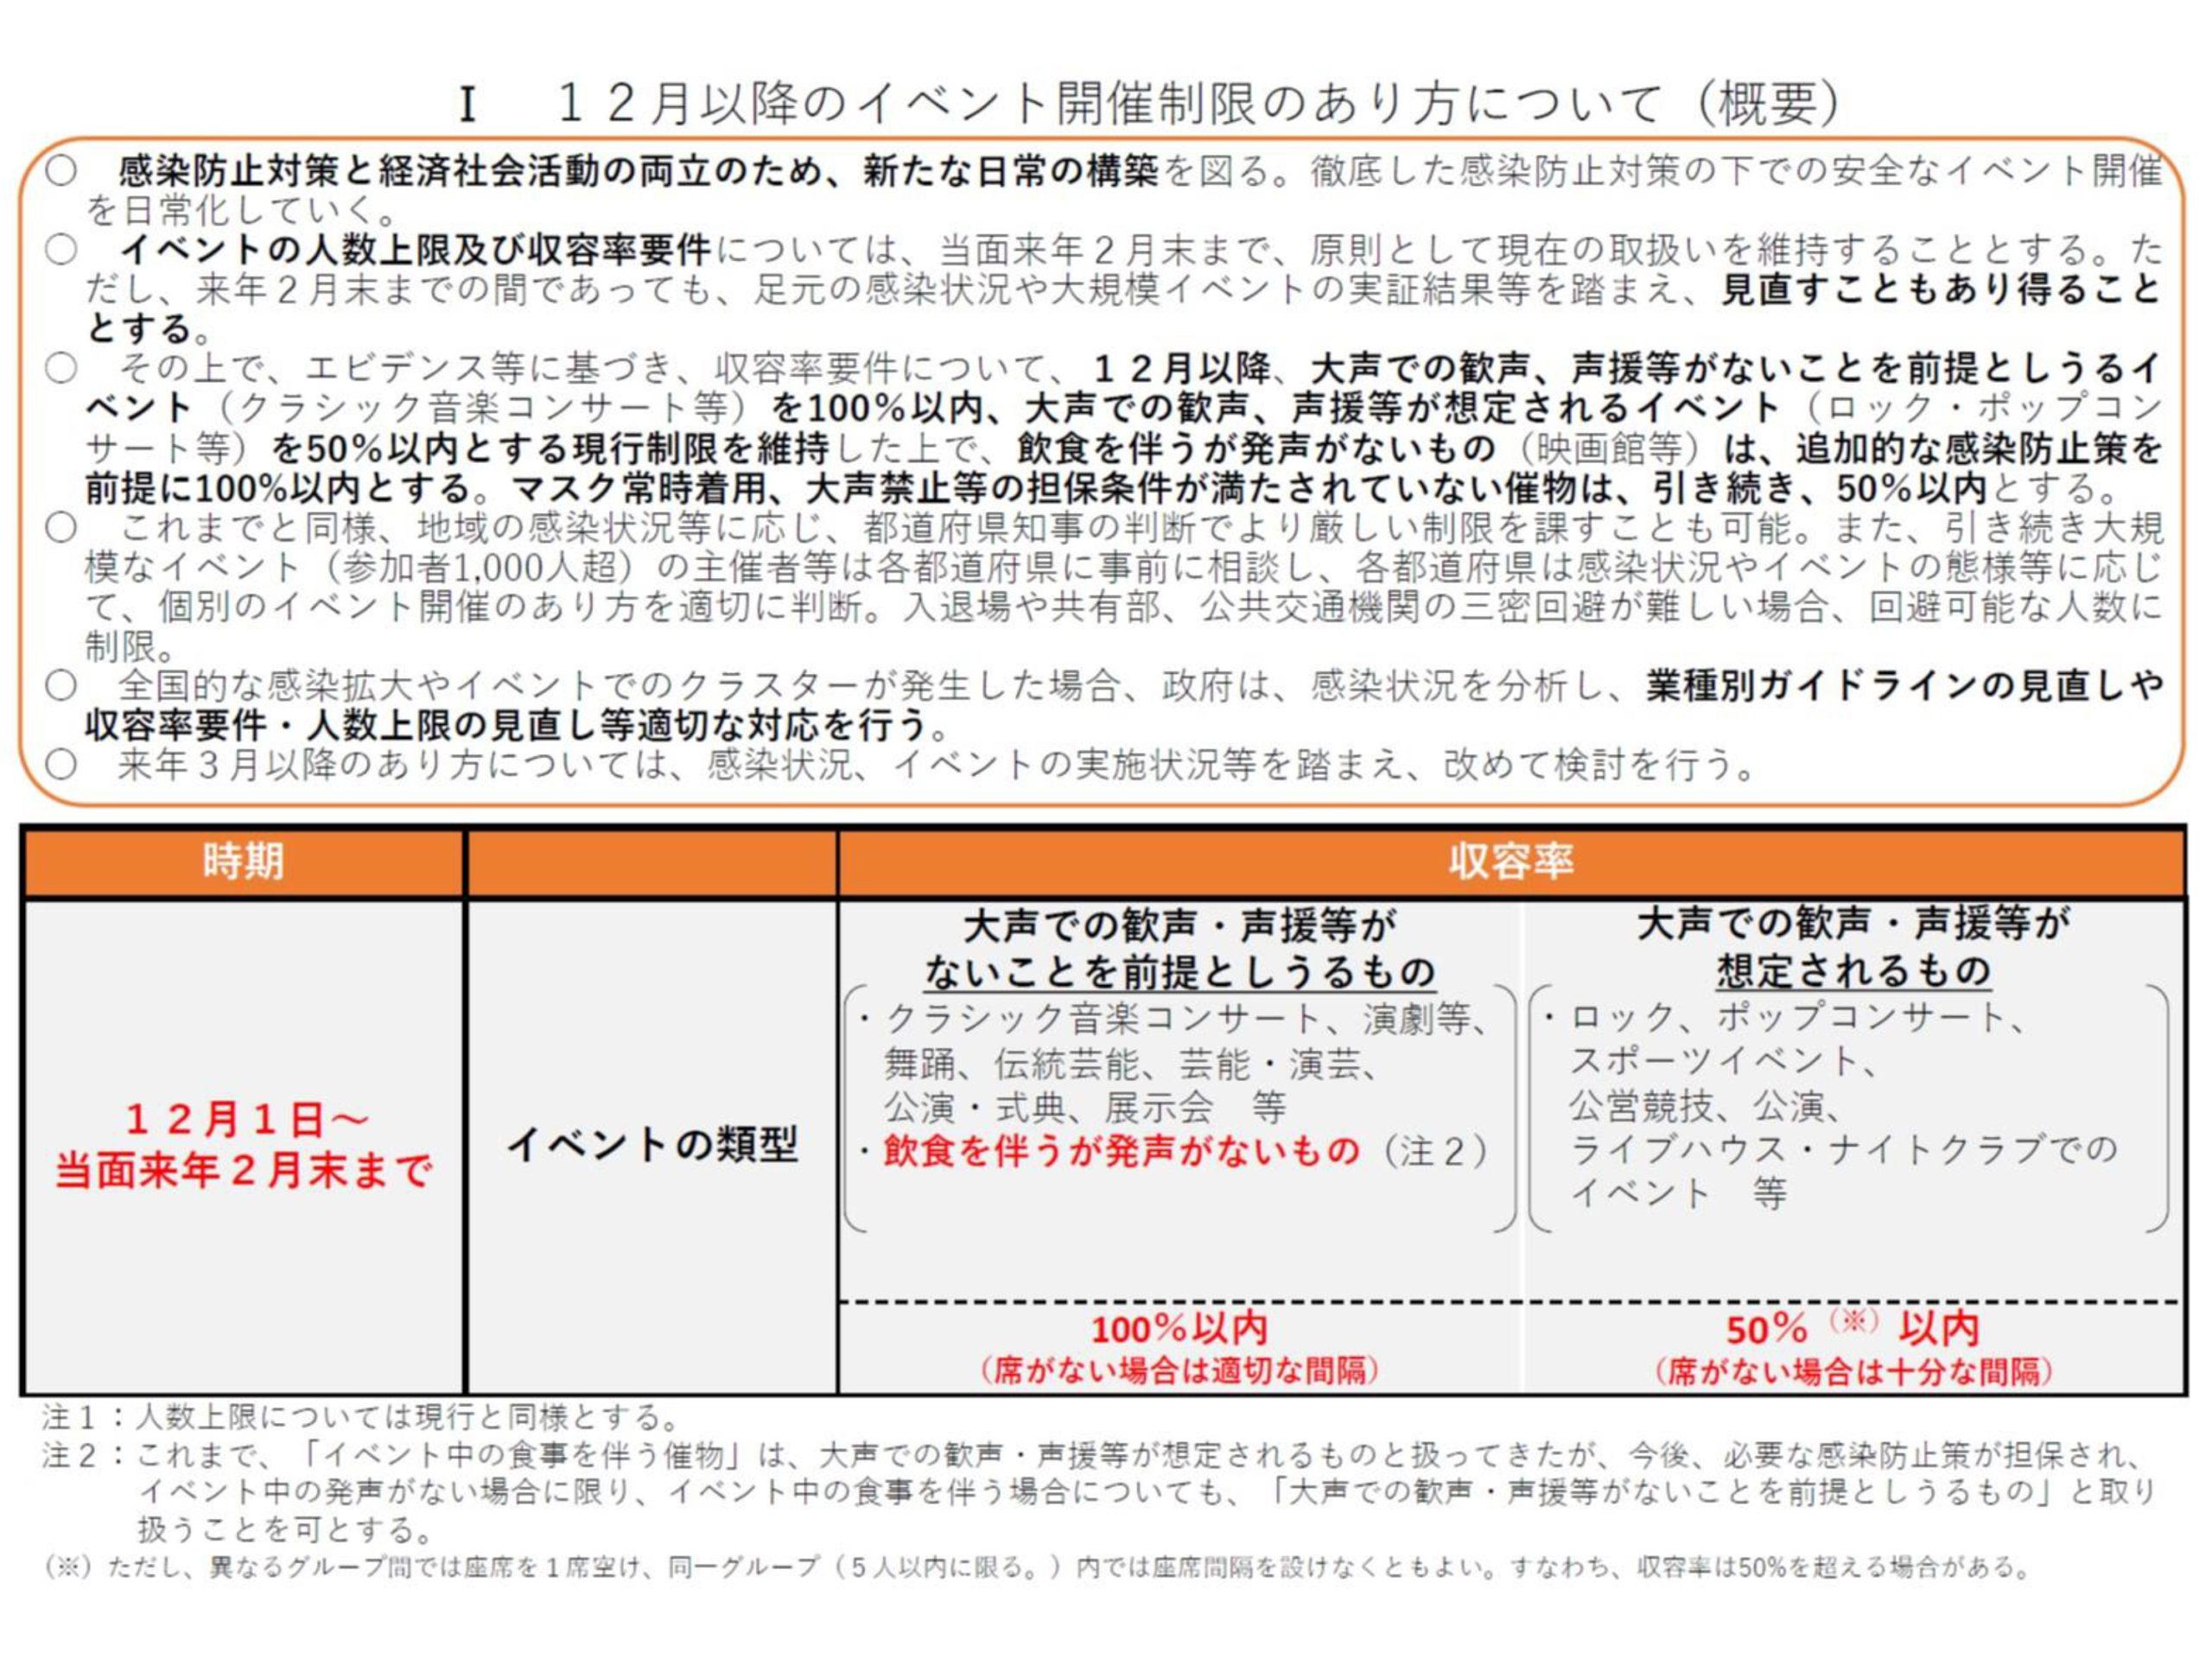 12月以降のイベント開催制限のあり方について(概要)